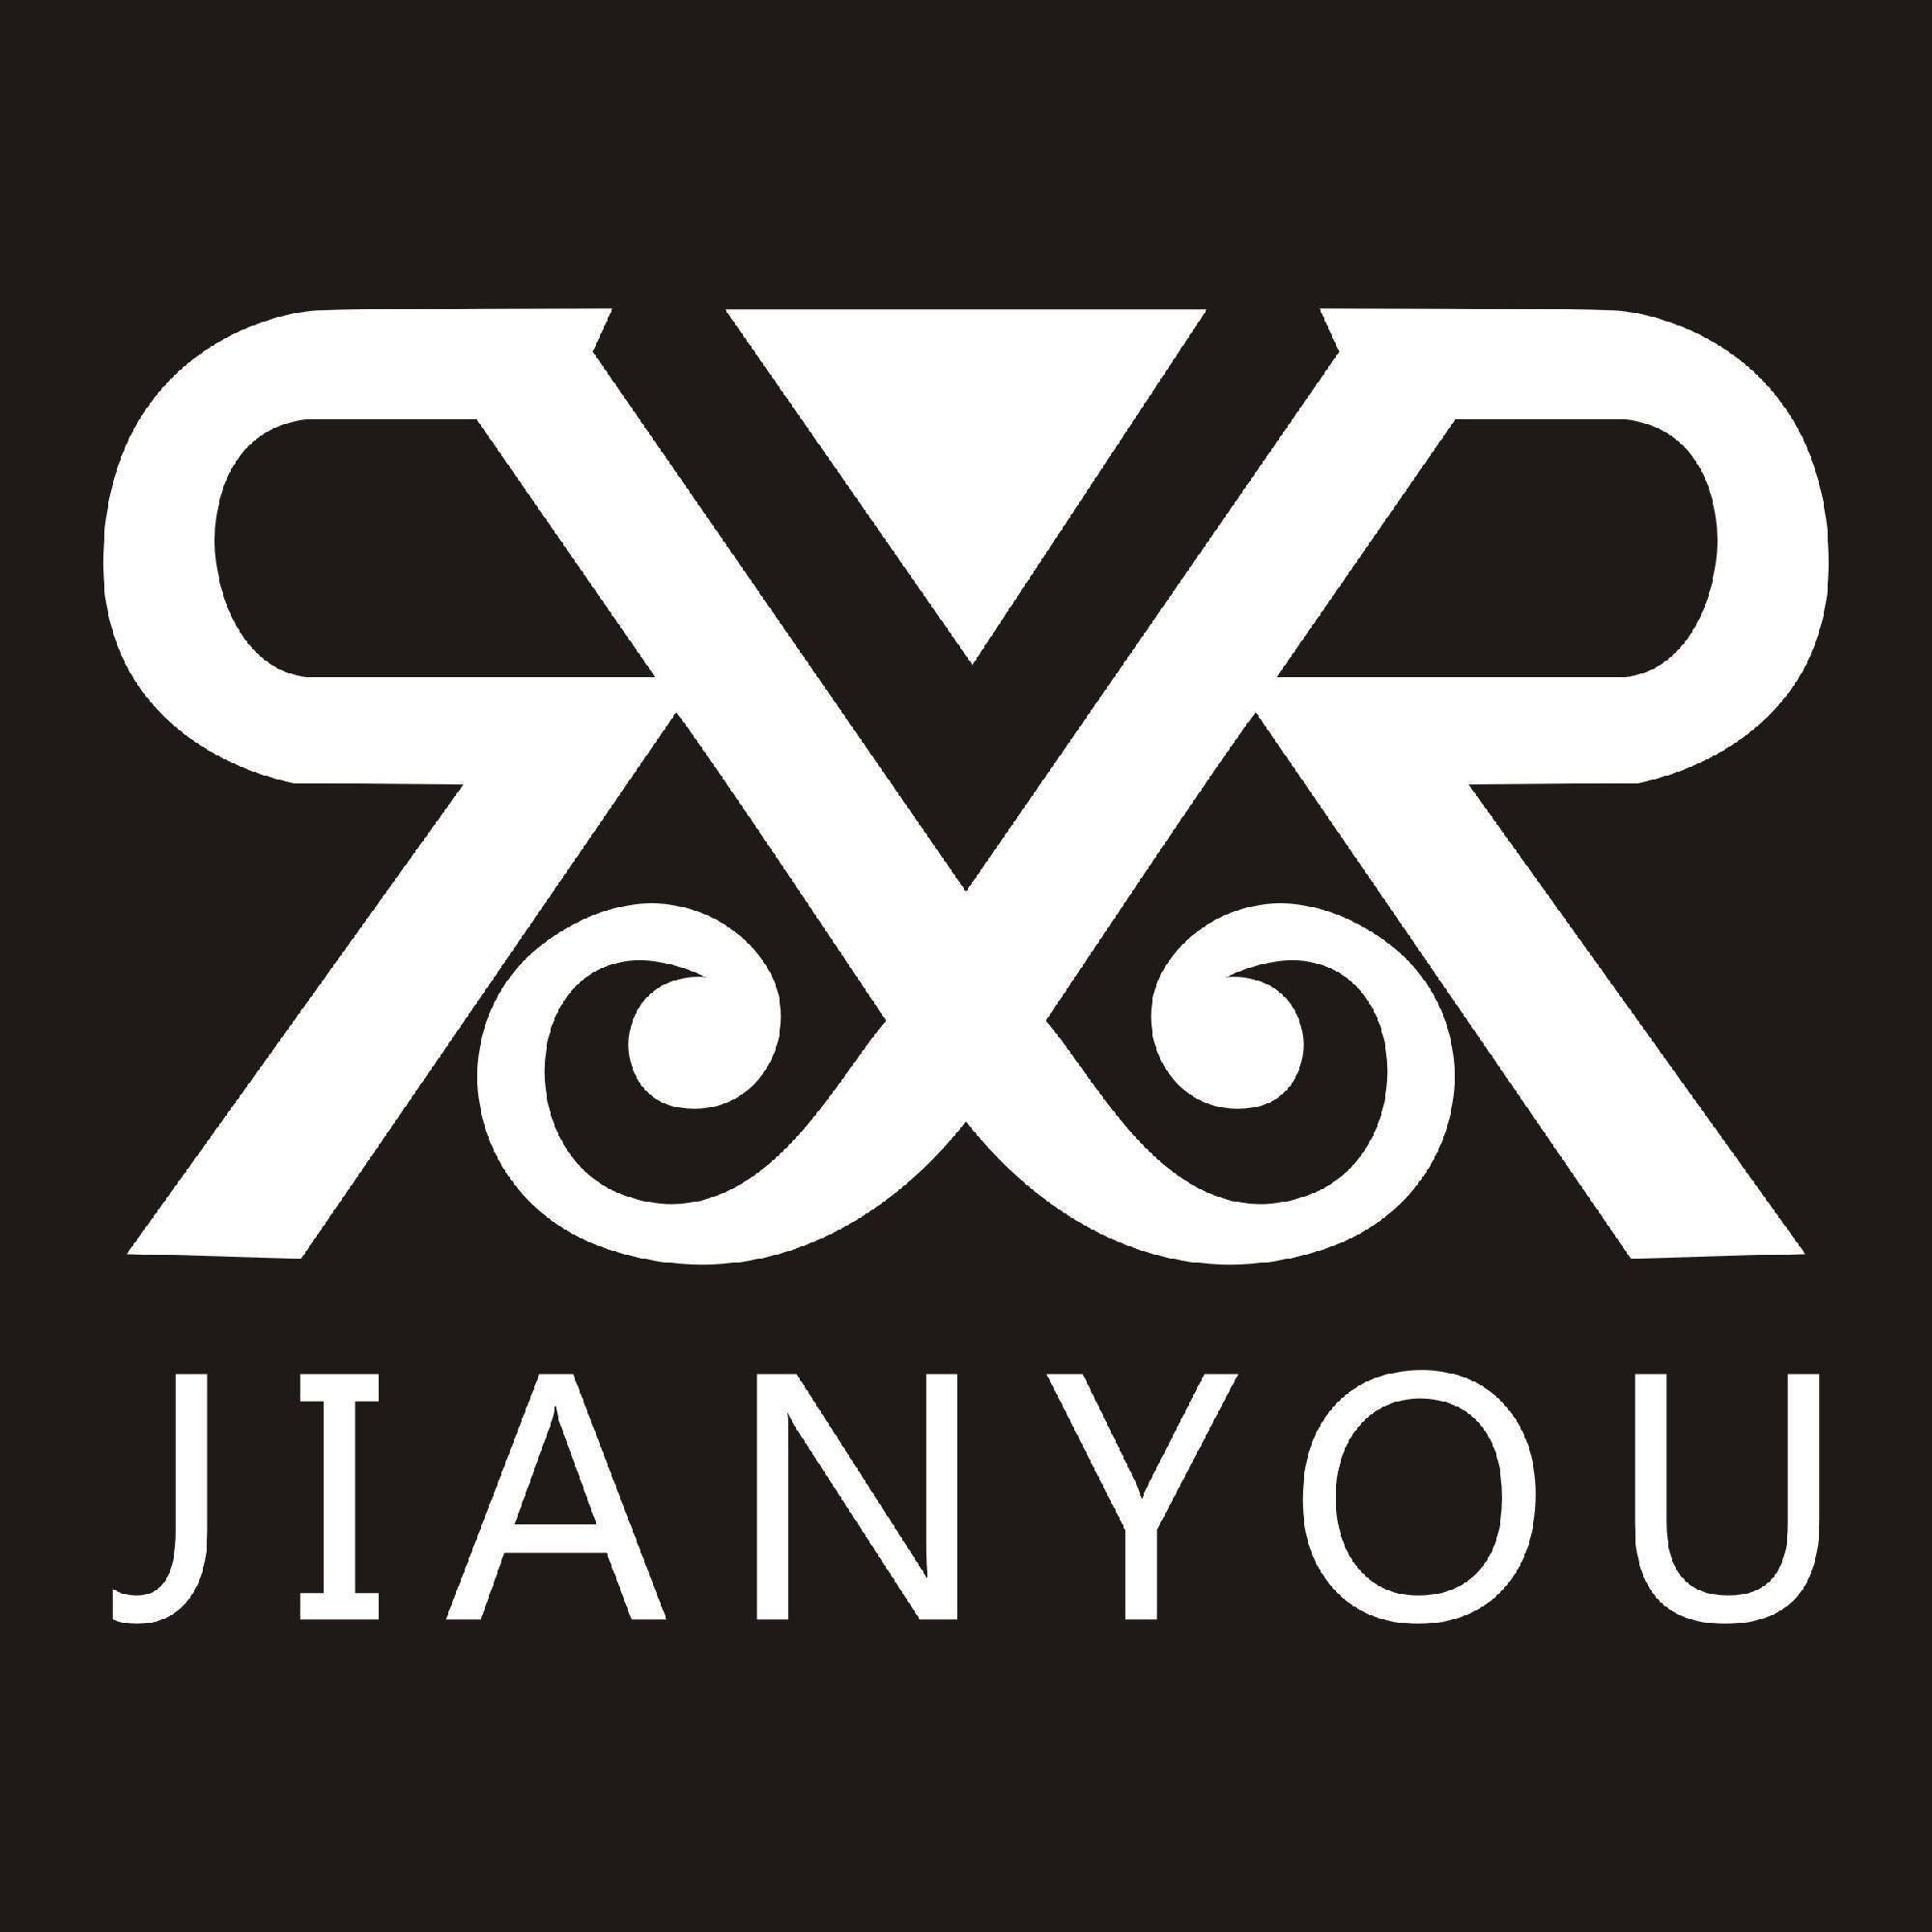 jianyou0_jianyou